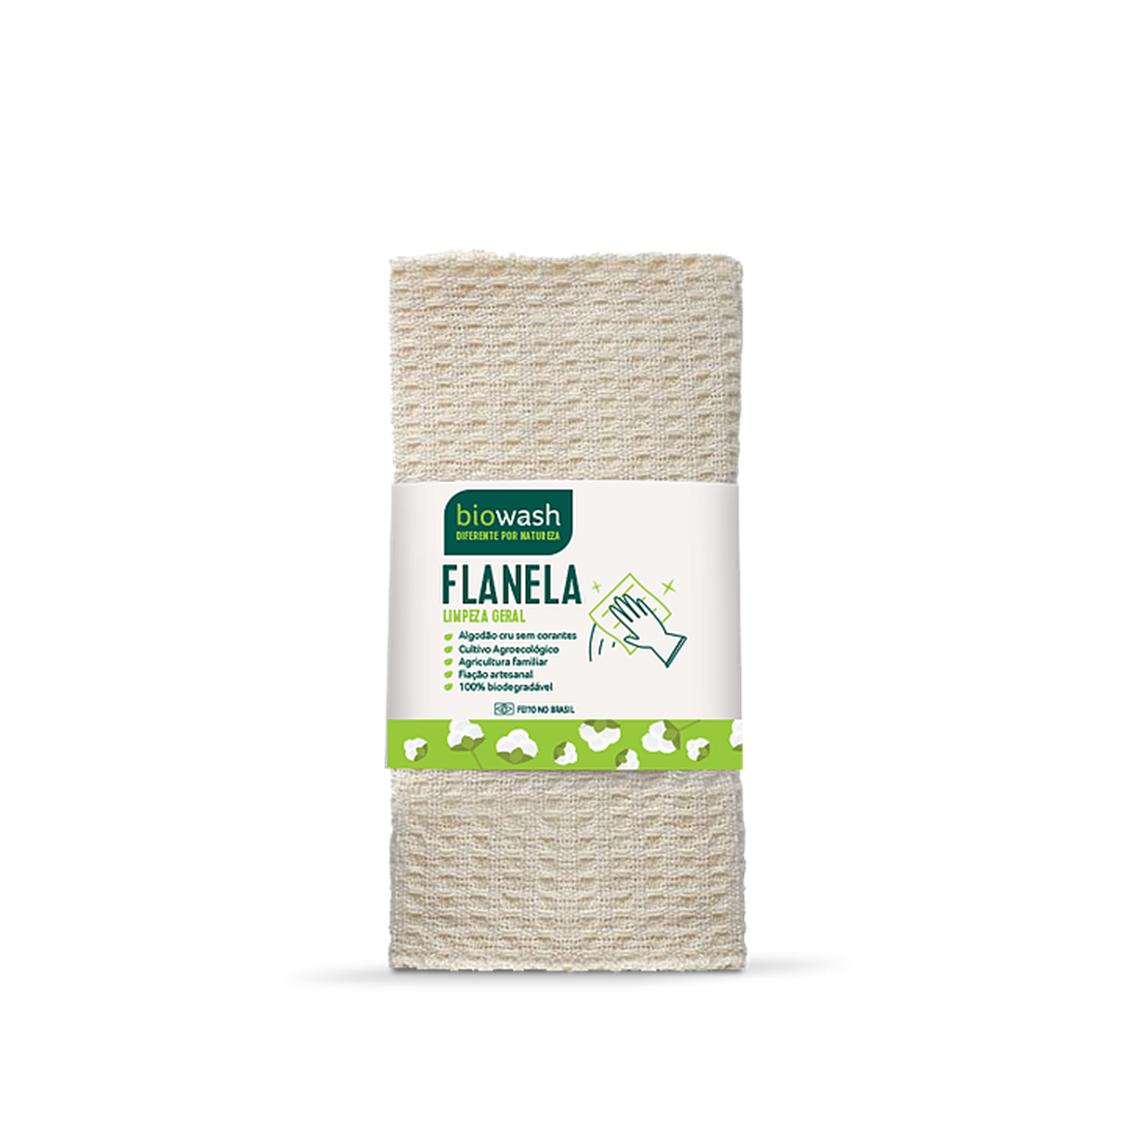 Flanela de Algodão (1un) – Biowash